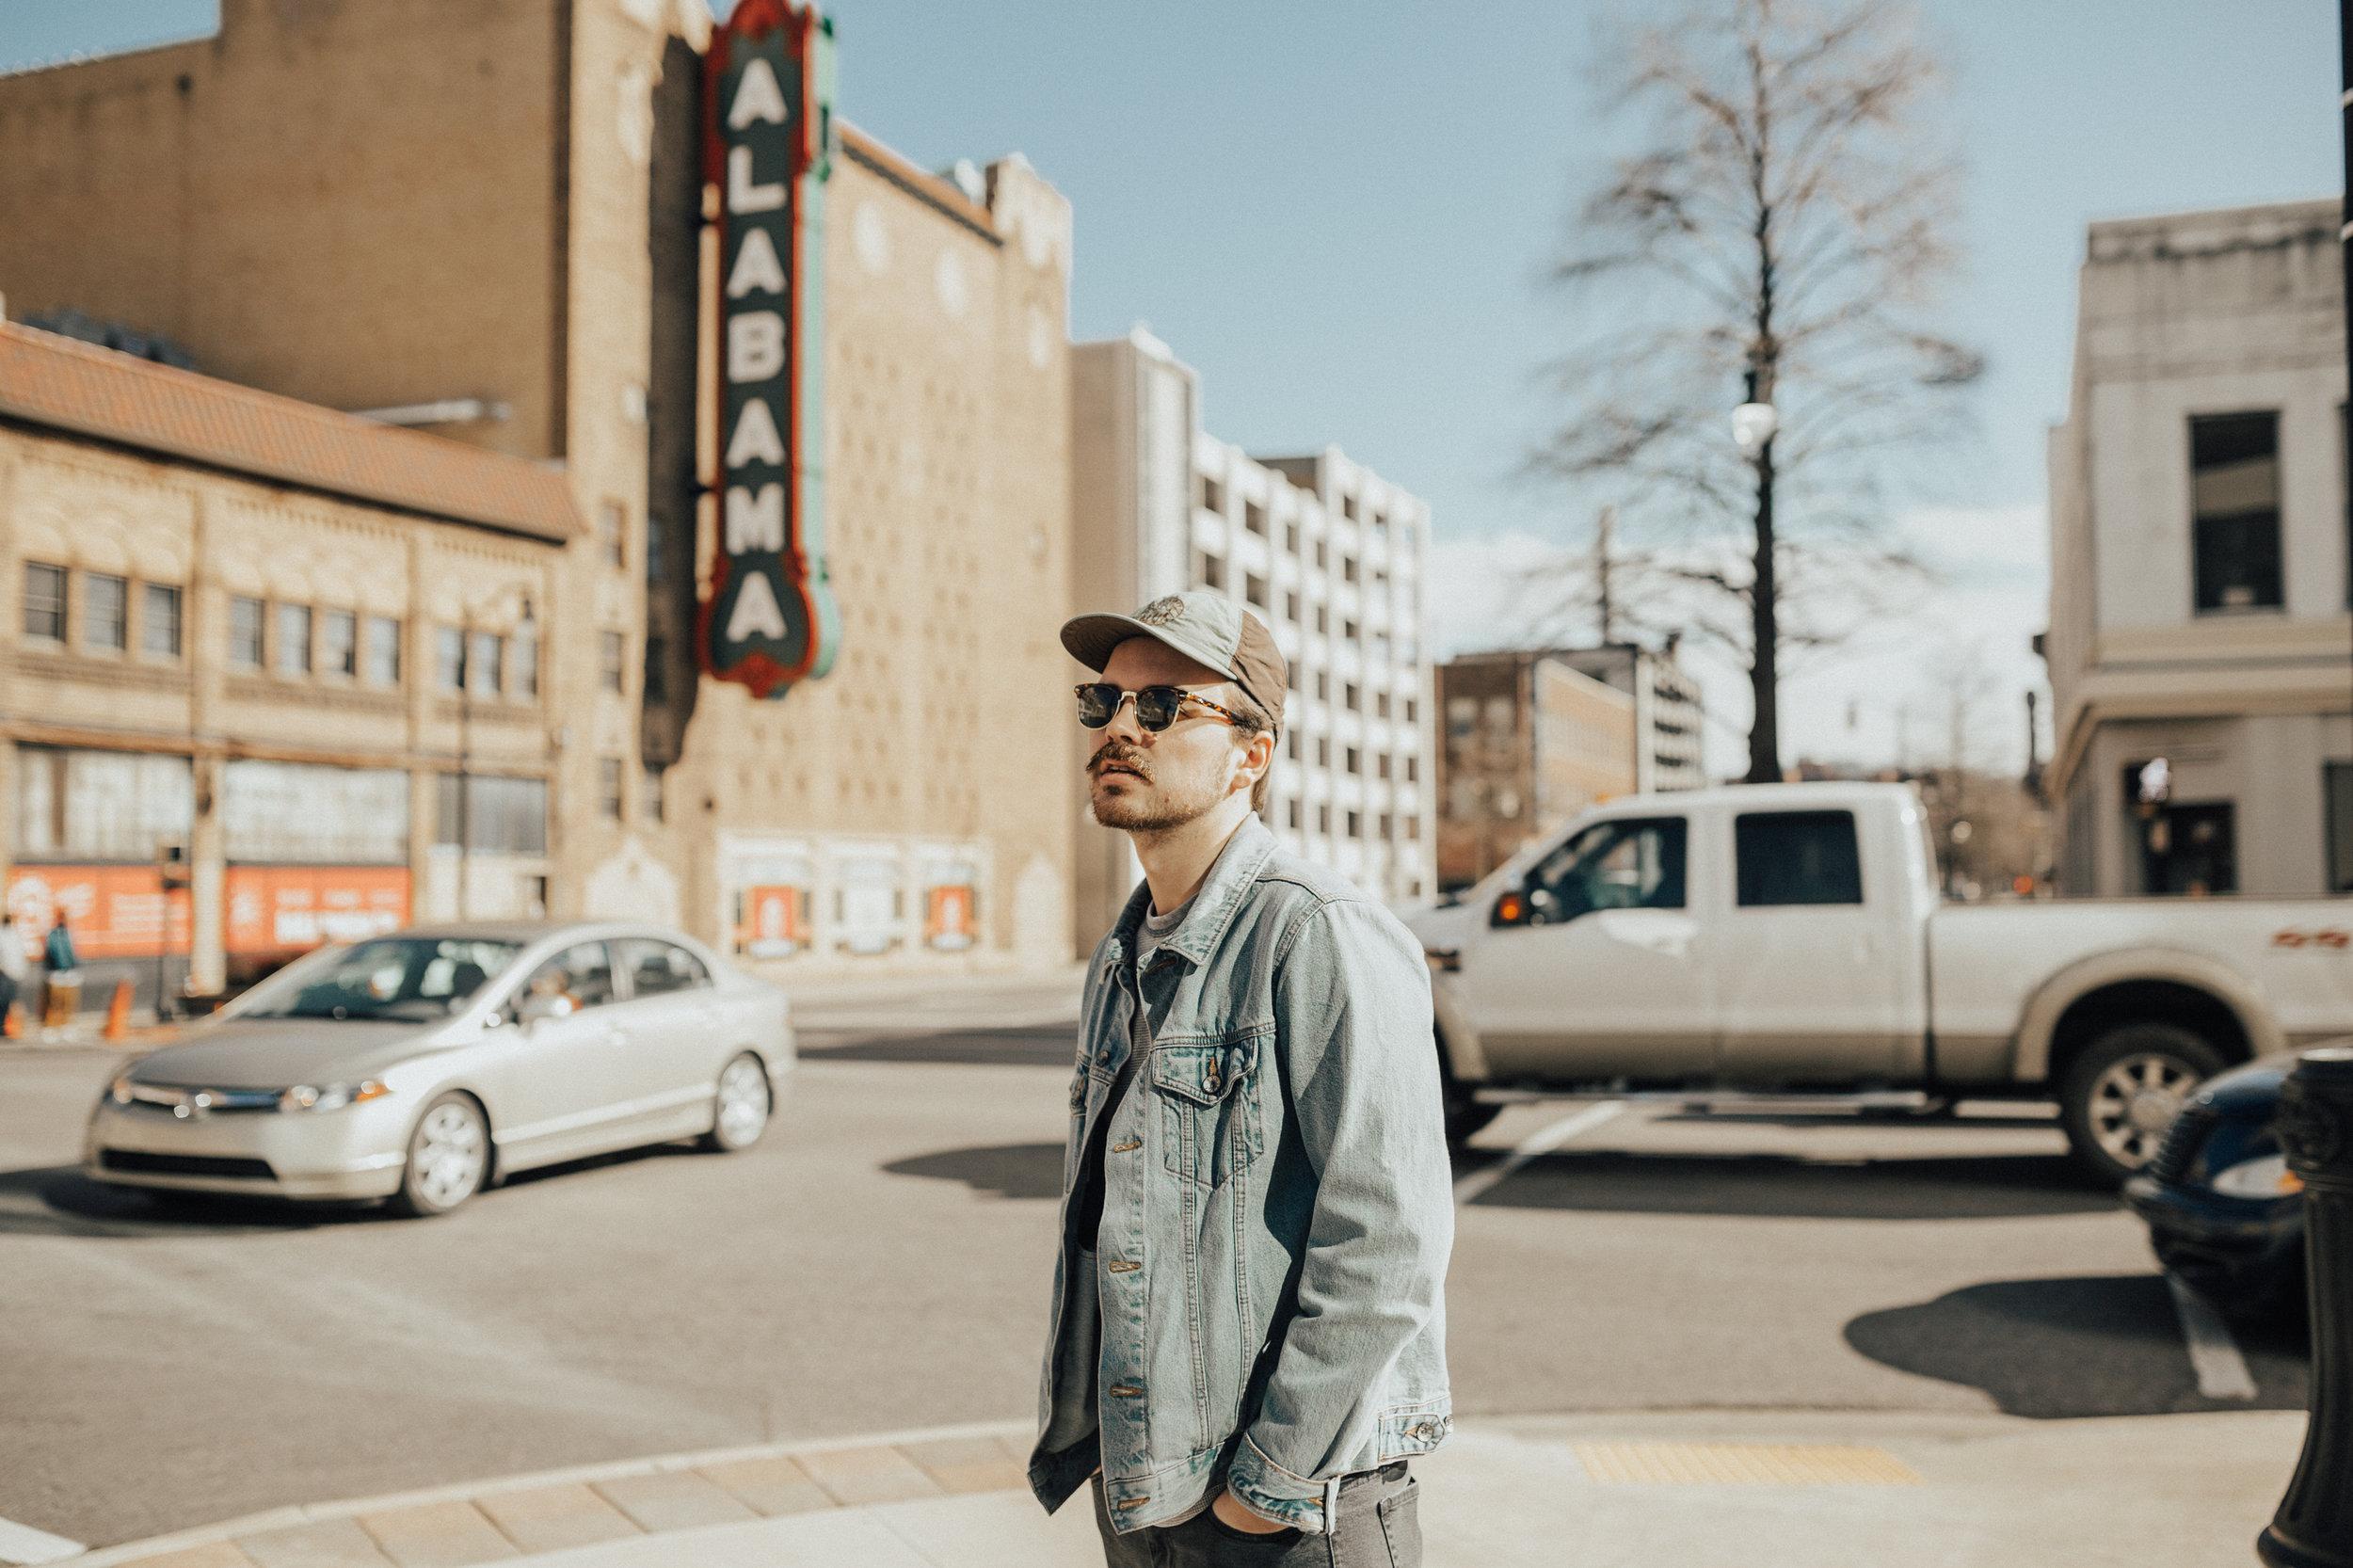 NashvilleBlog-24.jpg